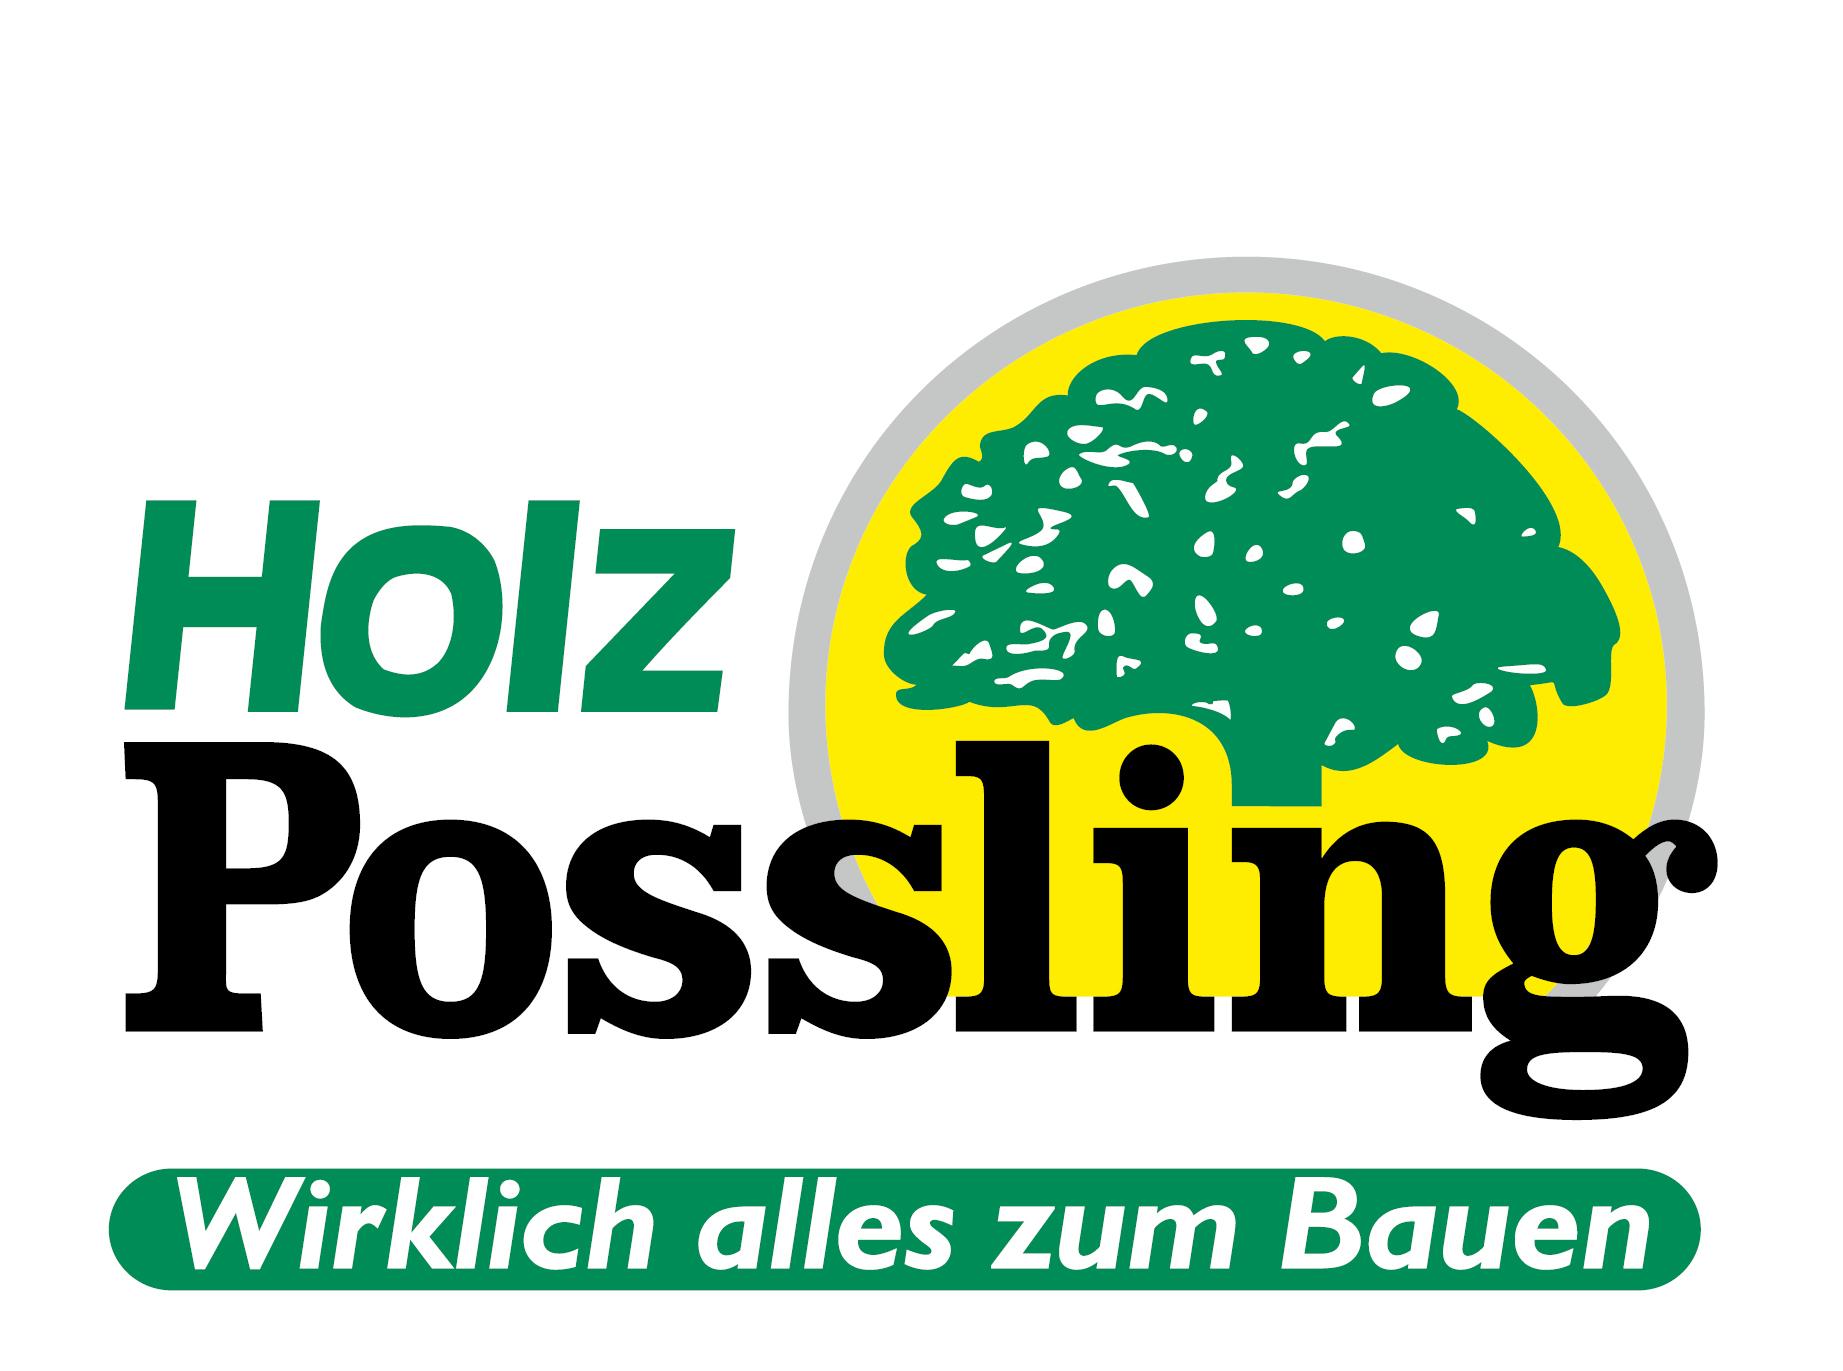 possling gmbh co kg in berlin branchenbuch deutschland. Black Bedroom Furniture Sets. Home Design Ideas